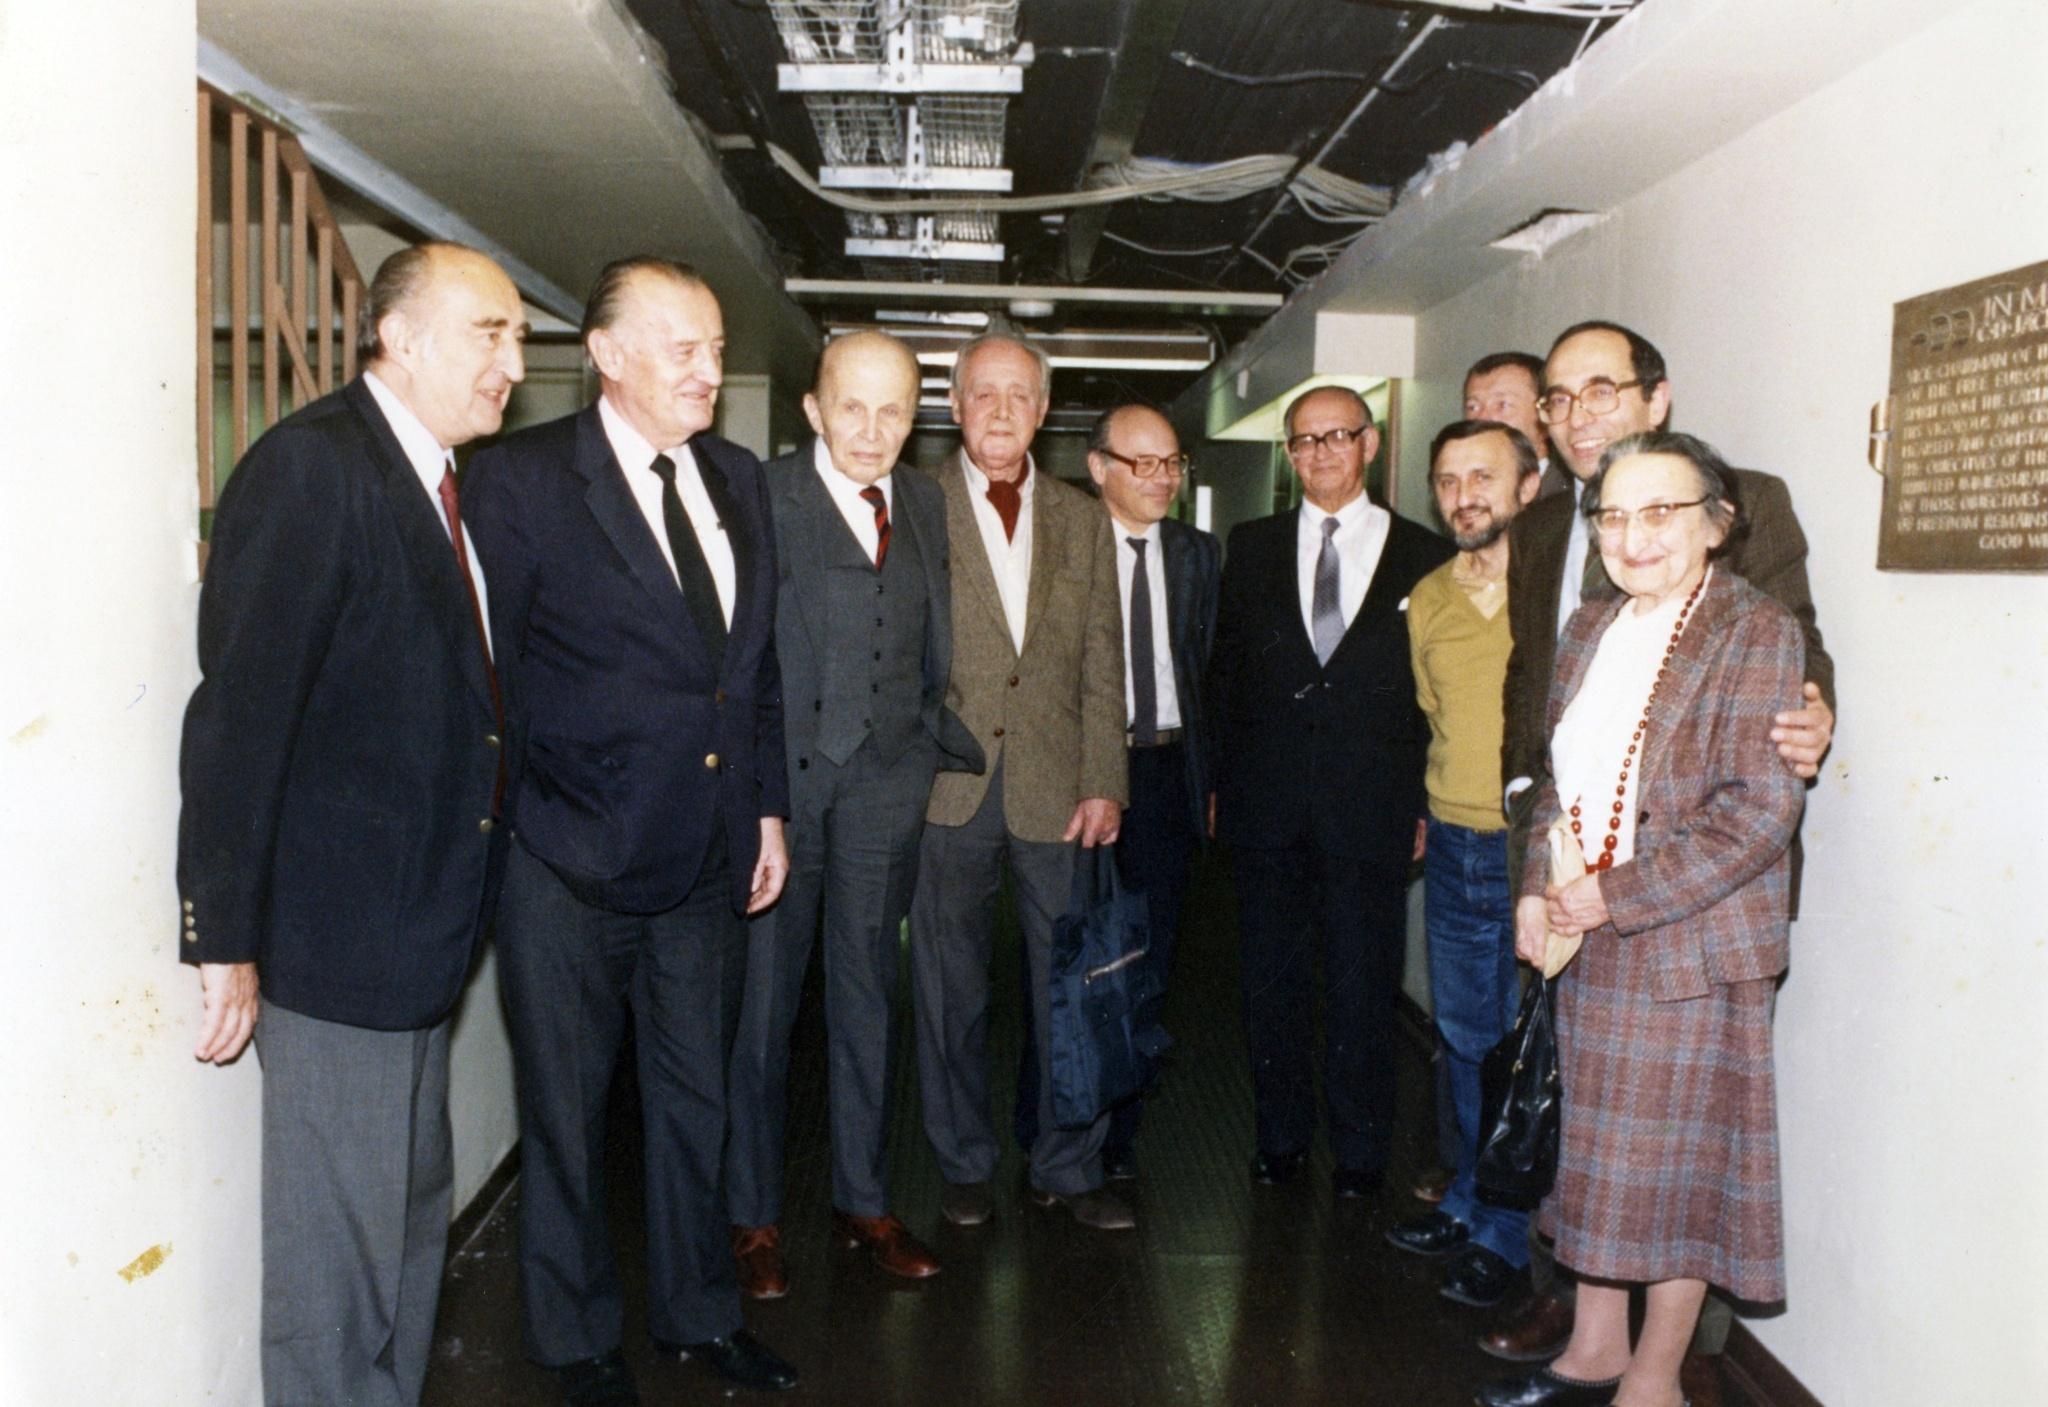 <div class='inner-box'><div class='close-desc'></div><span class='opis'>Radio Wolna Europa w Monachium. Leopold Unger, Bolesław Wierzbiański, Rowmund Piłsudski, Jerzy Giedroyc, Krzysztof Pomian, Kazimierz Sabbat, Waldemar Kuczyński, Jakub Karpiński, Aleksander Smolar, Lidia Ciołkoszowa. Monachium, 1987</span><div class='clearfix'></div><span>Sygn. FIL00491</span><div class='clearfix'></div><span>© Instytut Literacki</span></div>